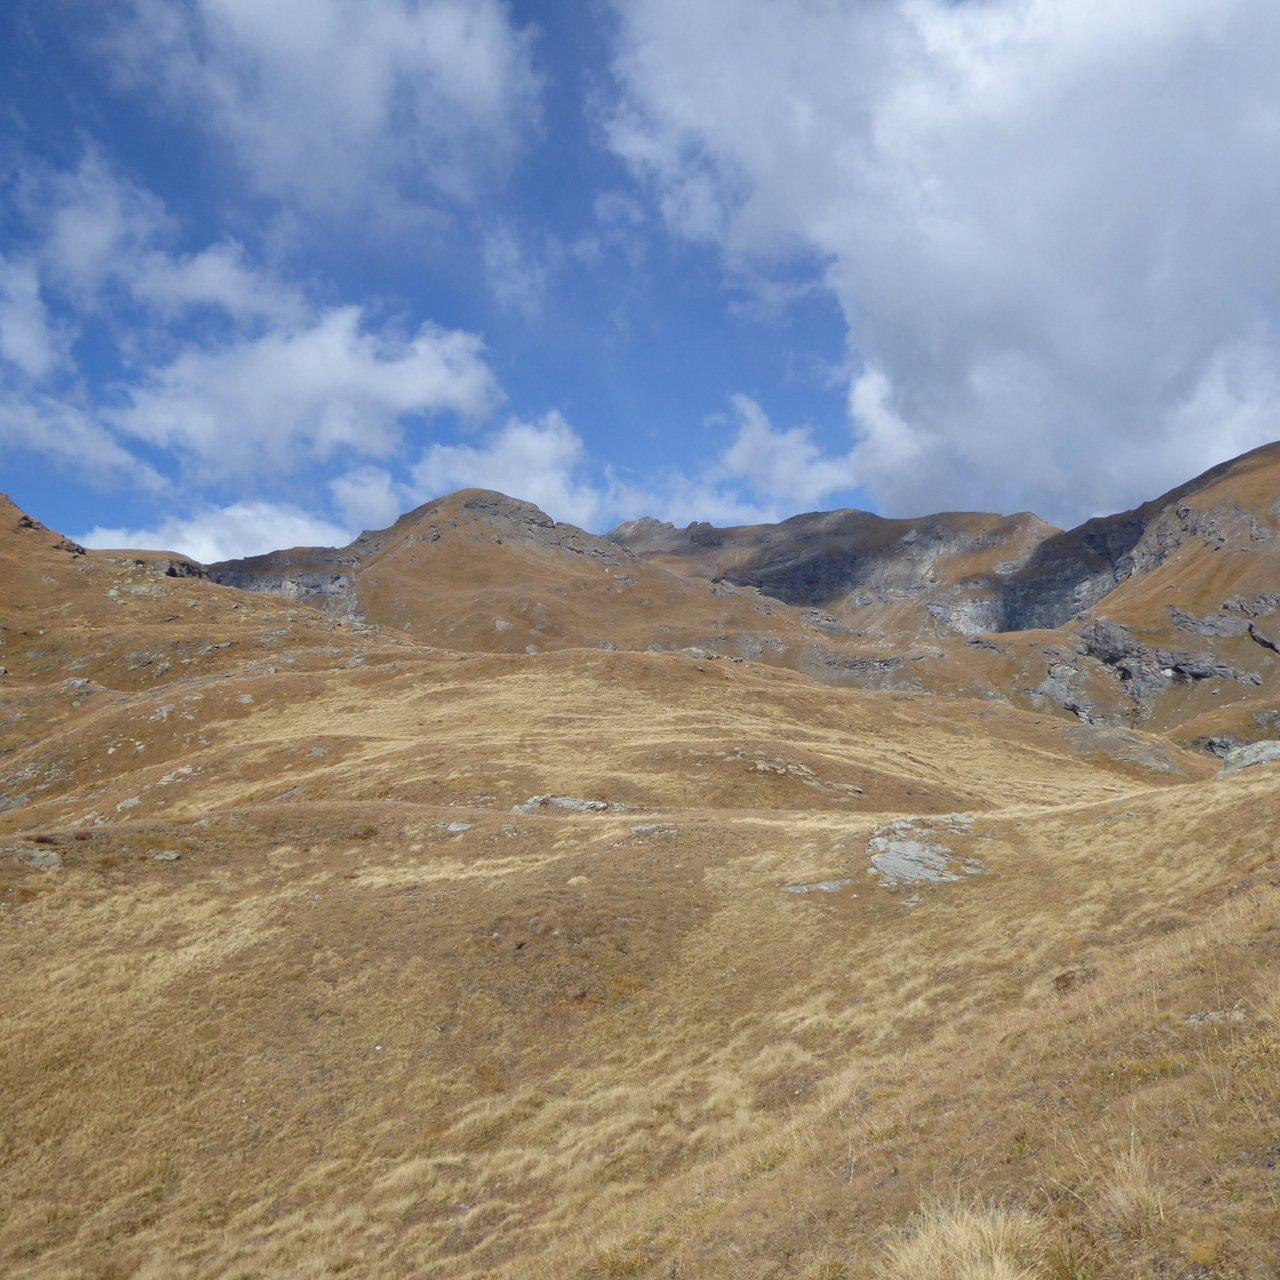 Corno Bussola fotografato sul percorso, ancora un pò lontano...